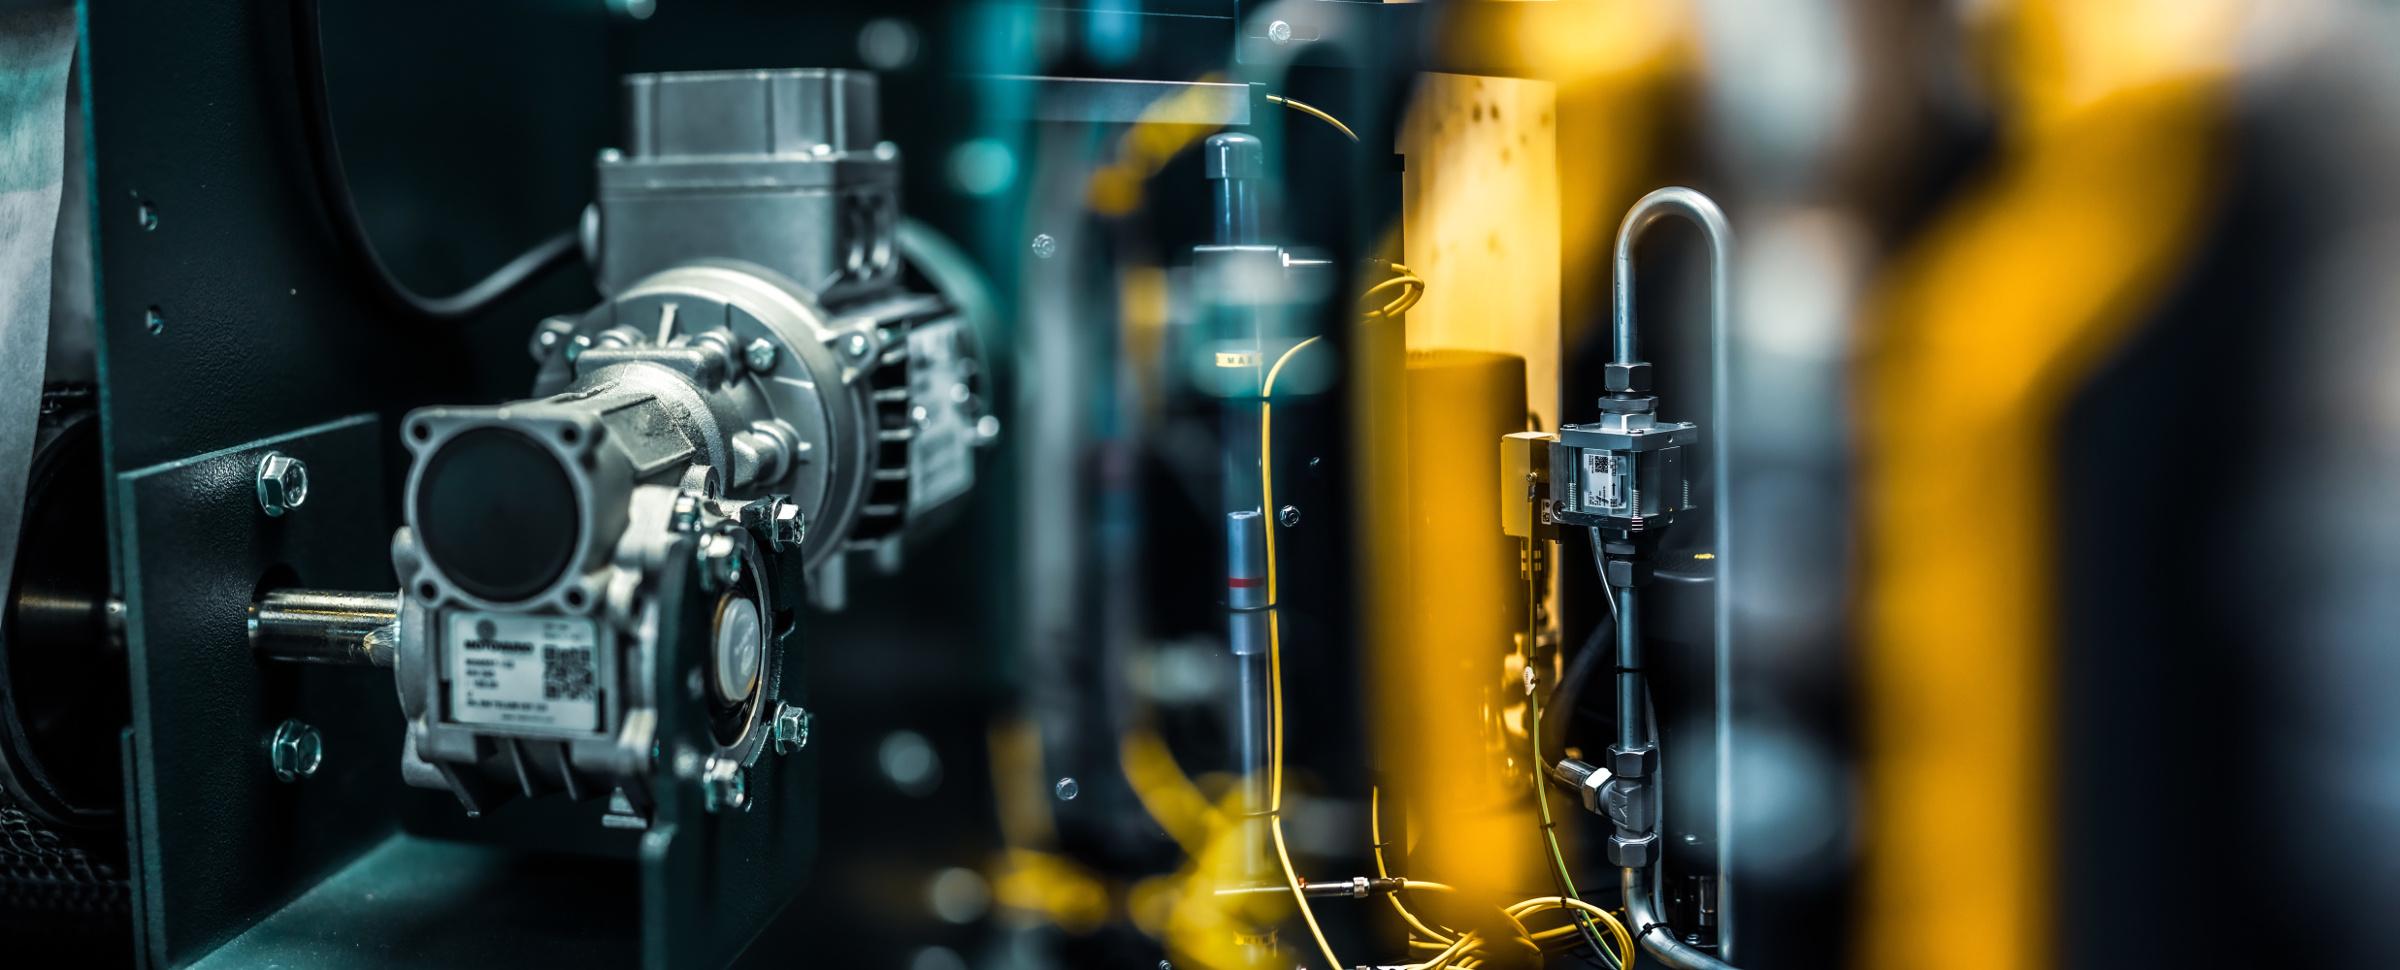 Strengere Regeln für ausländische Investitionen – DAs Bundeswirtschaftsministerium fürchtet Gefahren für die technologische Souveränität Deutschlands.